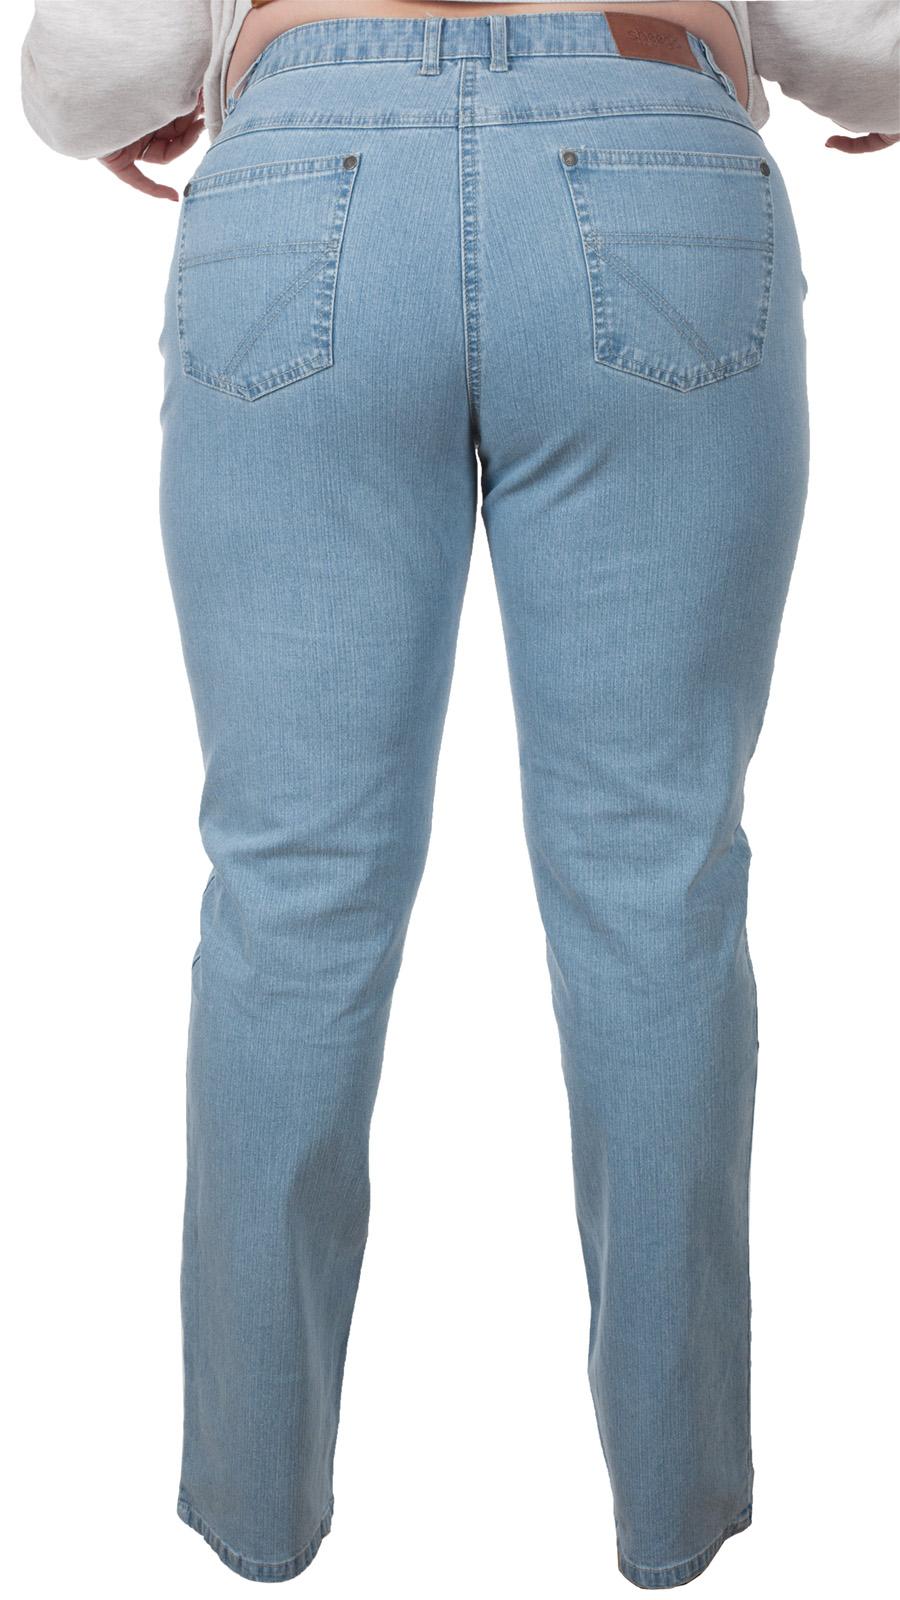 Стильные джинсы от немецкого бренда Sheego